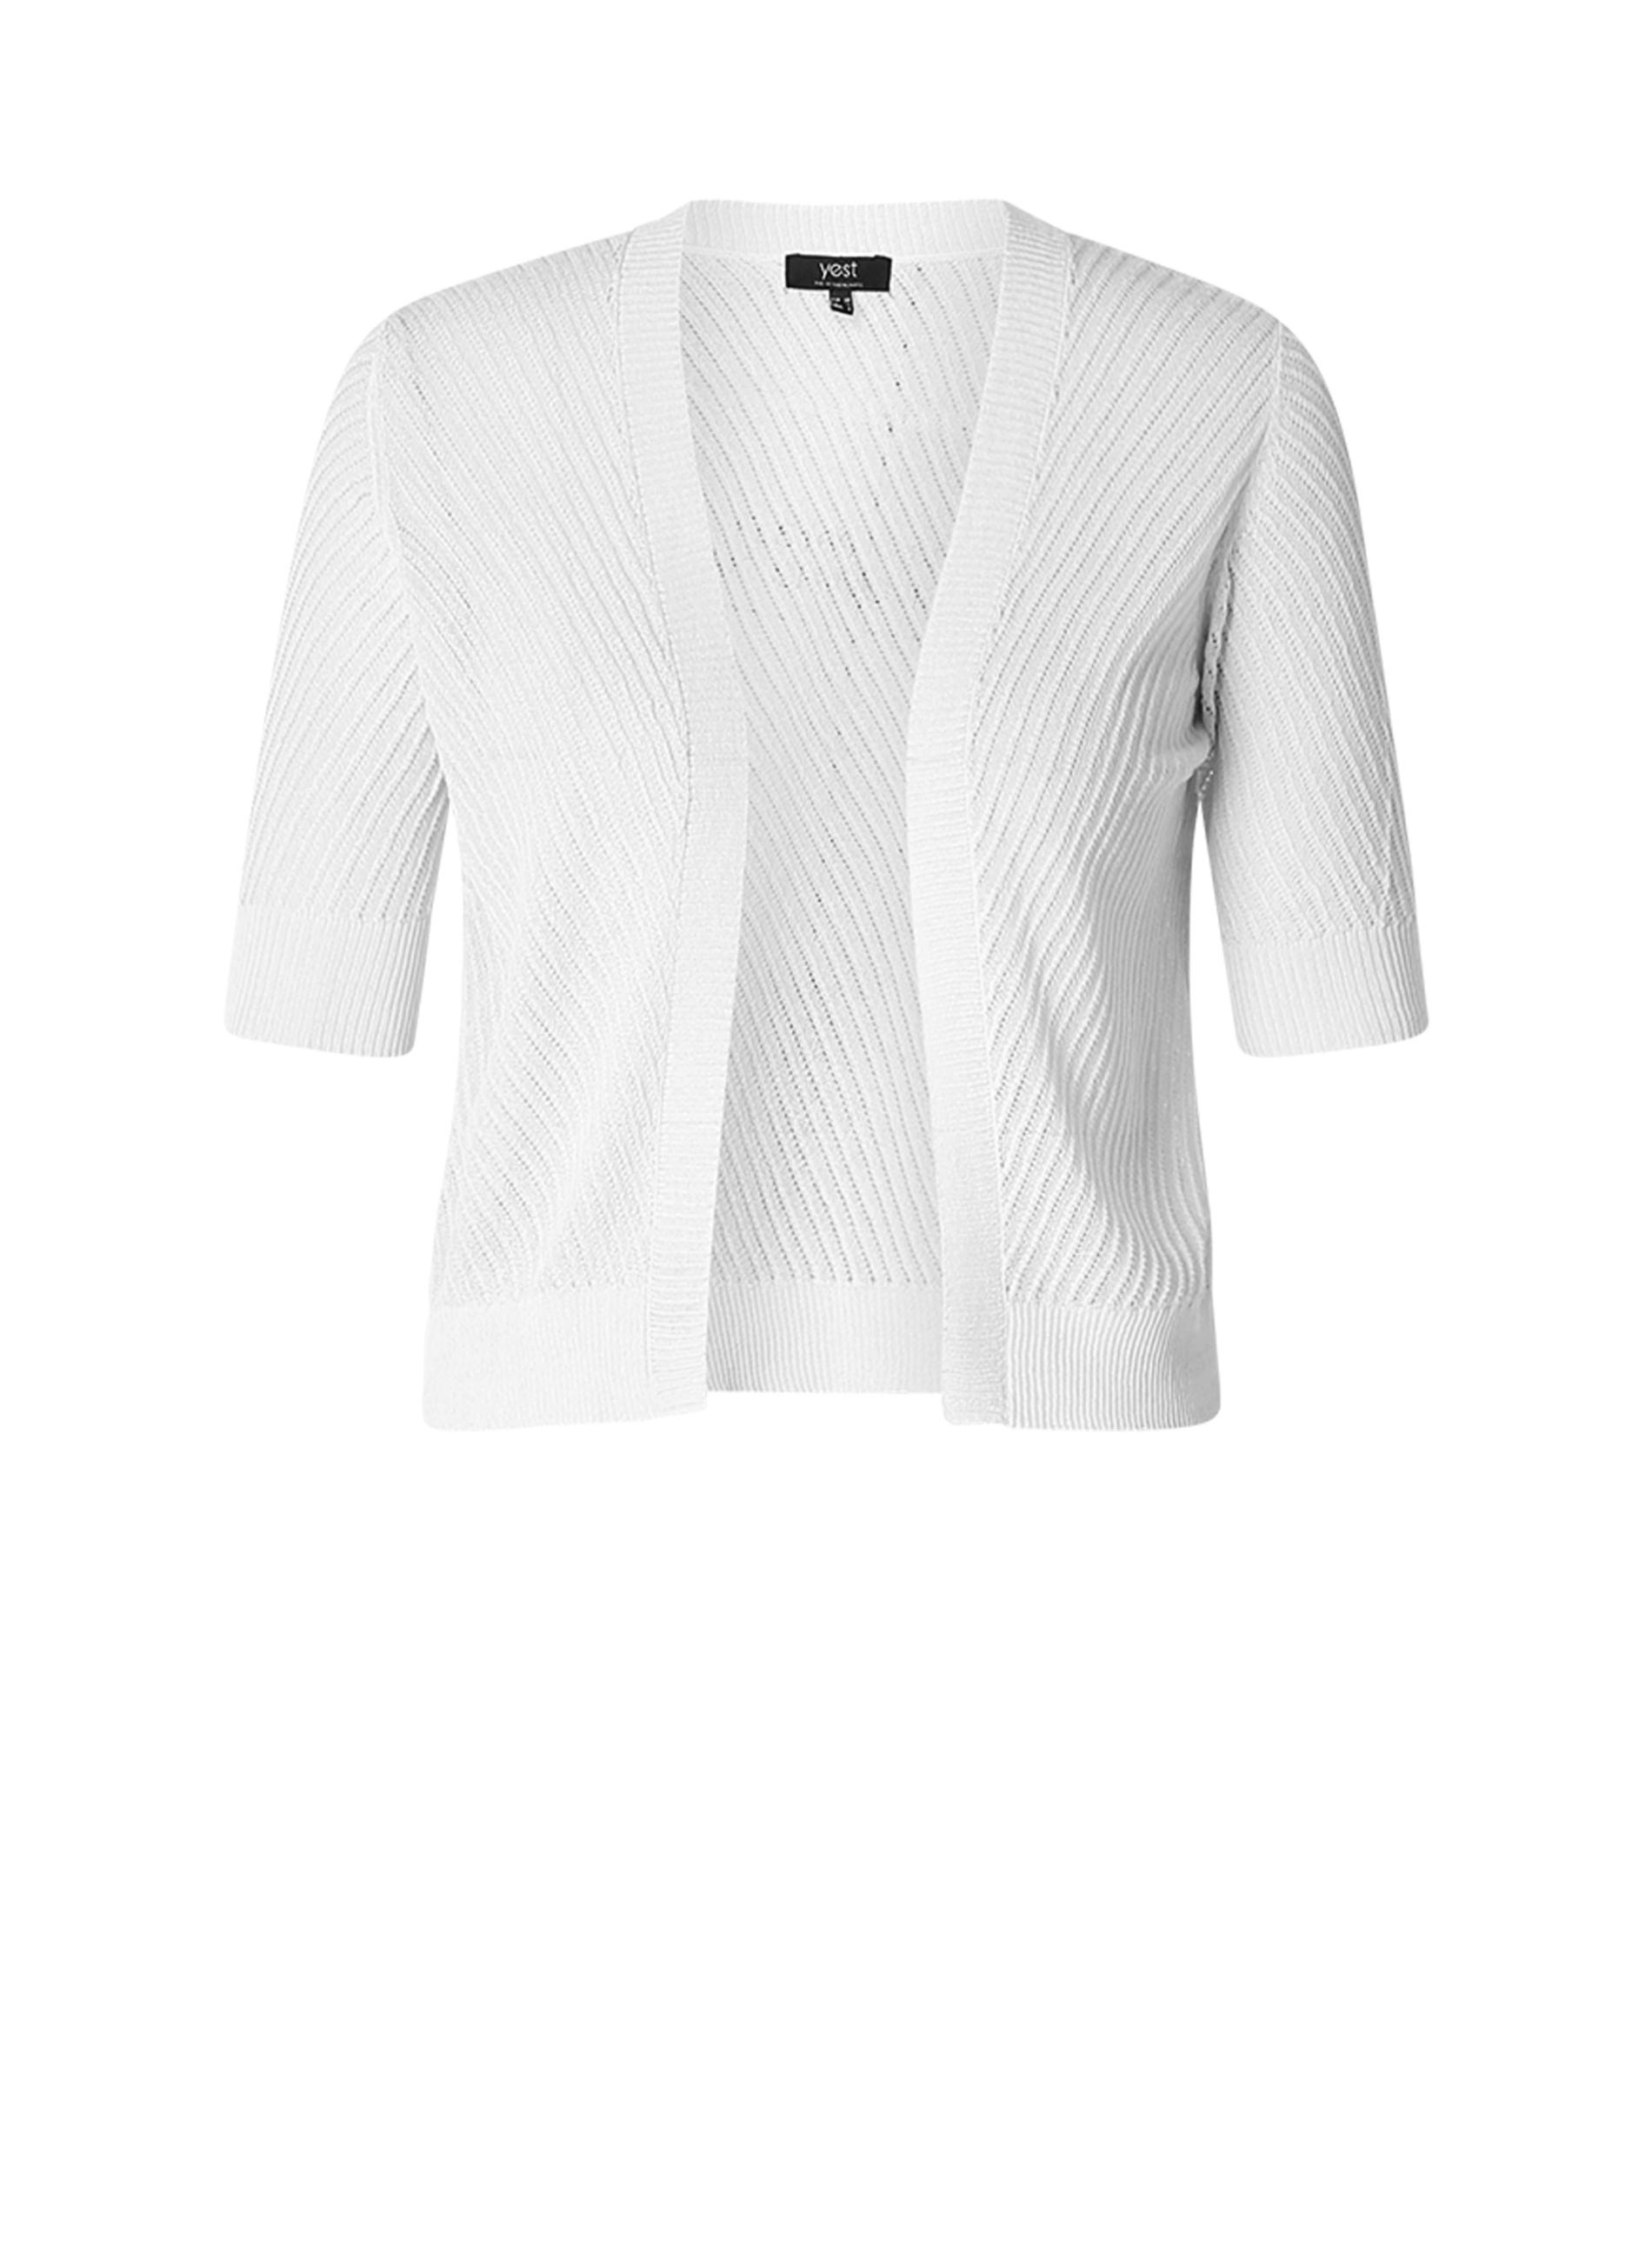 Yesta vest Laudine 65 cm